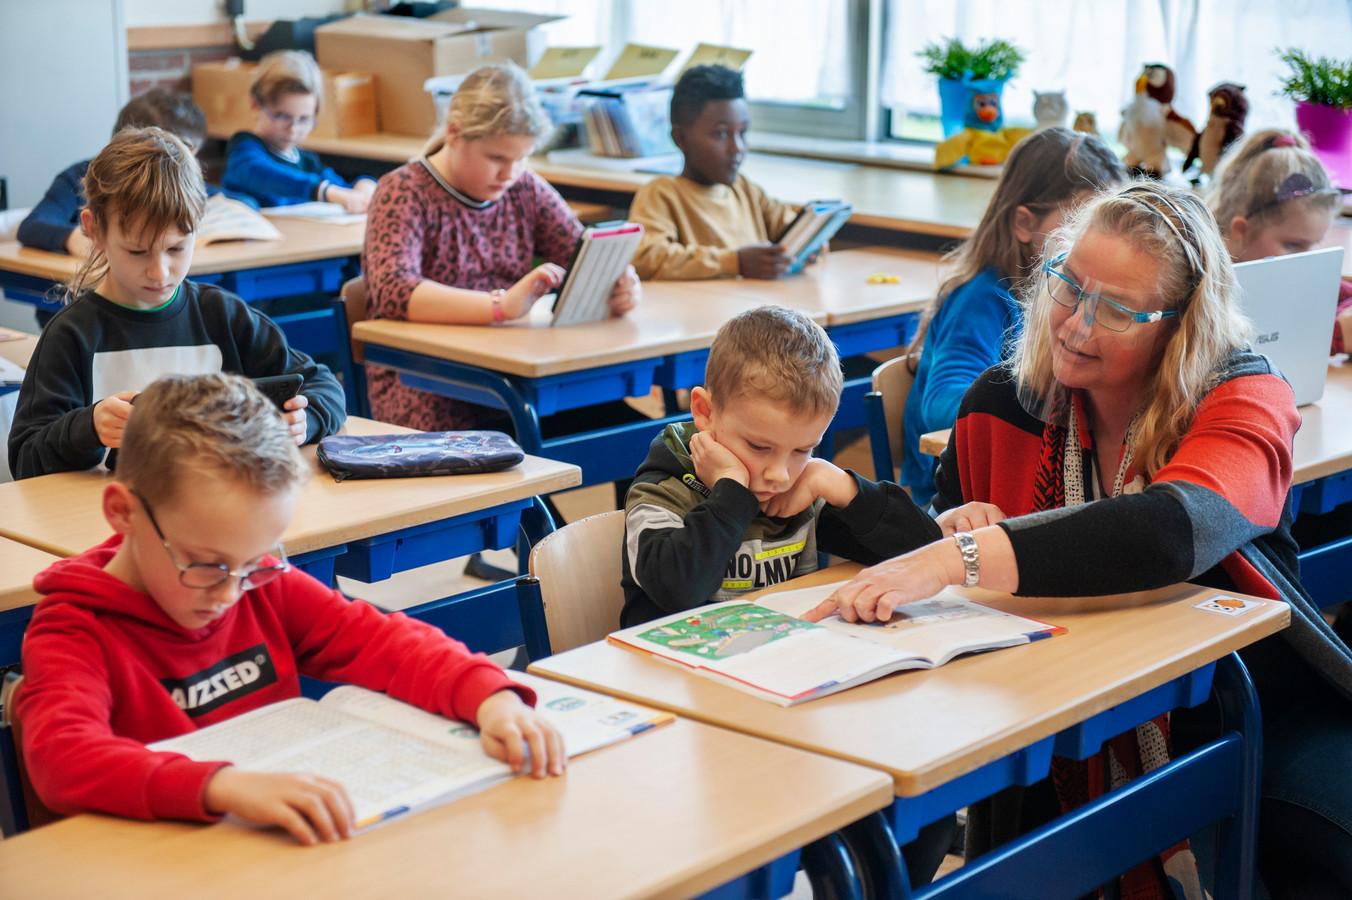 Kinderopvang tijdens de lockdown bij basisschool De Duinsprong in Drunen. Juf Joriza geeft ondersteuning bij het zelfstandig werken van de leerlingen.